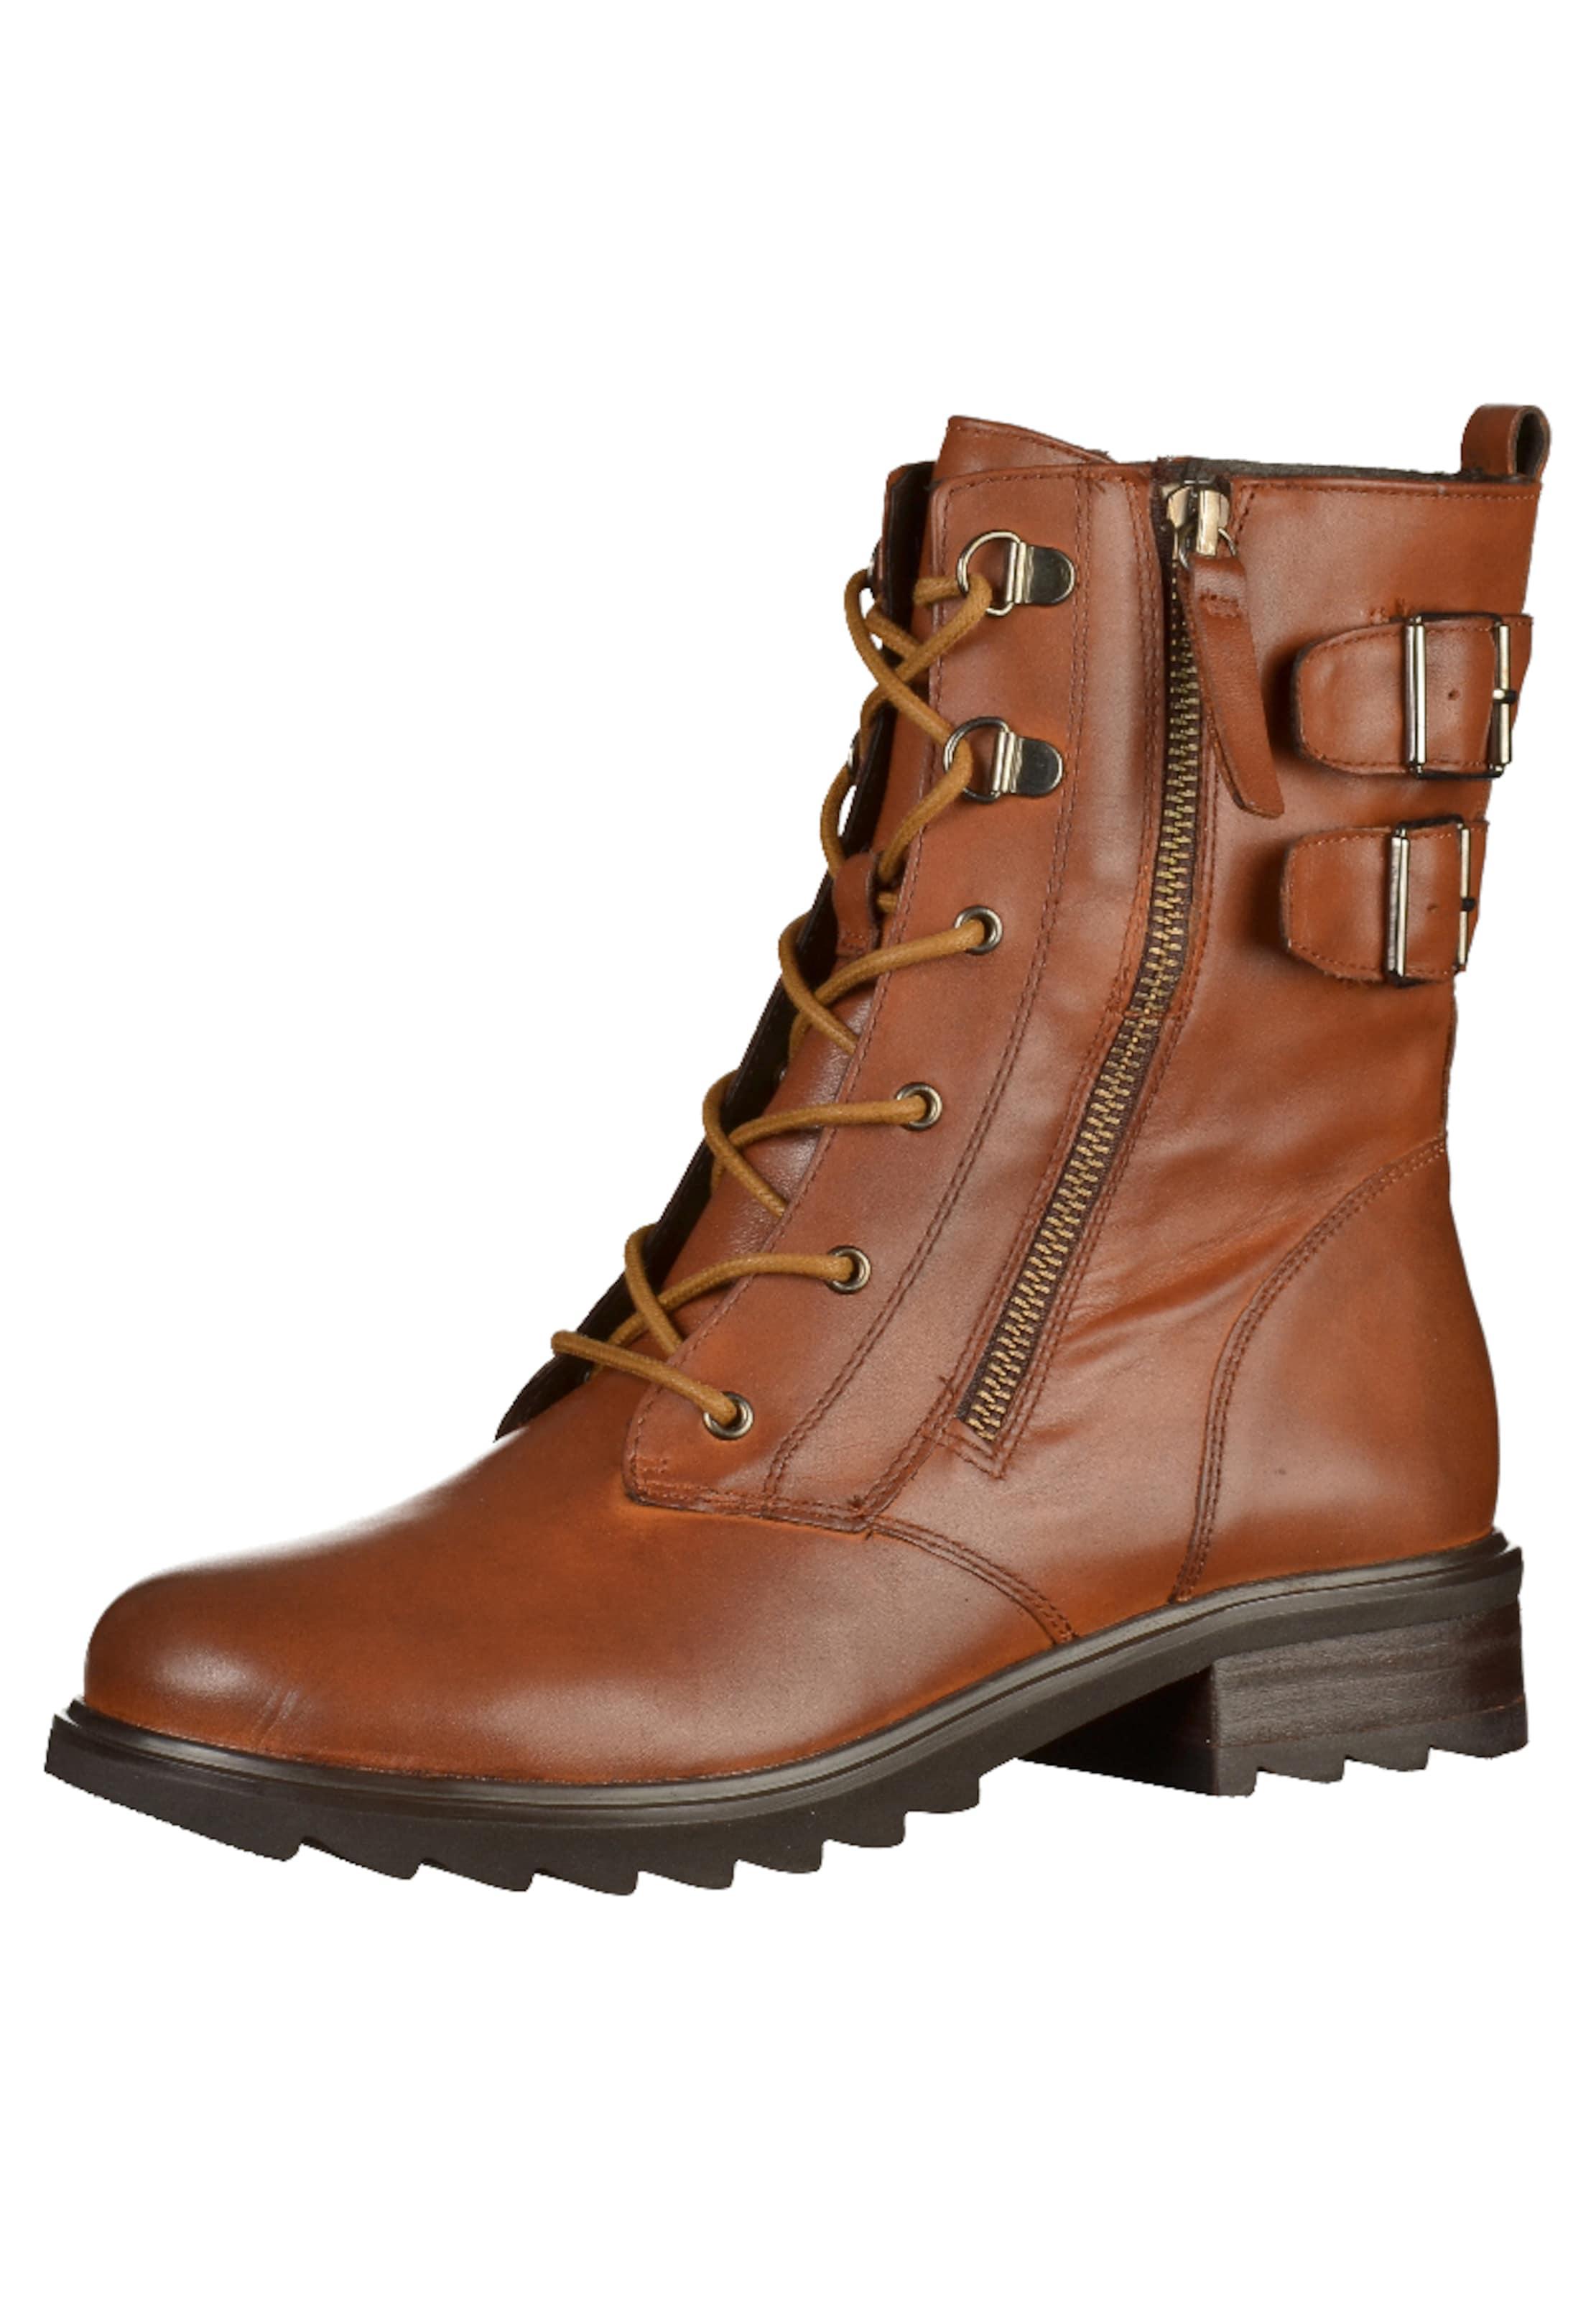 SPM Stiefelette Verschleißfeste billige Schuhe Hohe Qualität